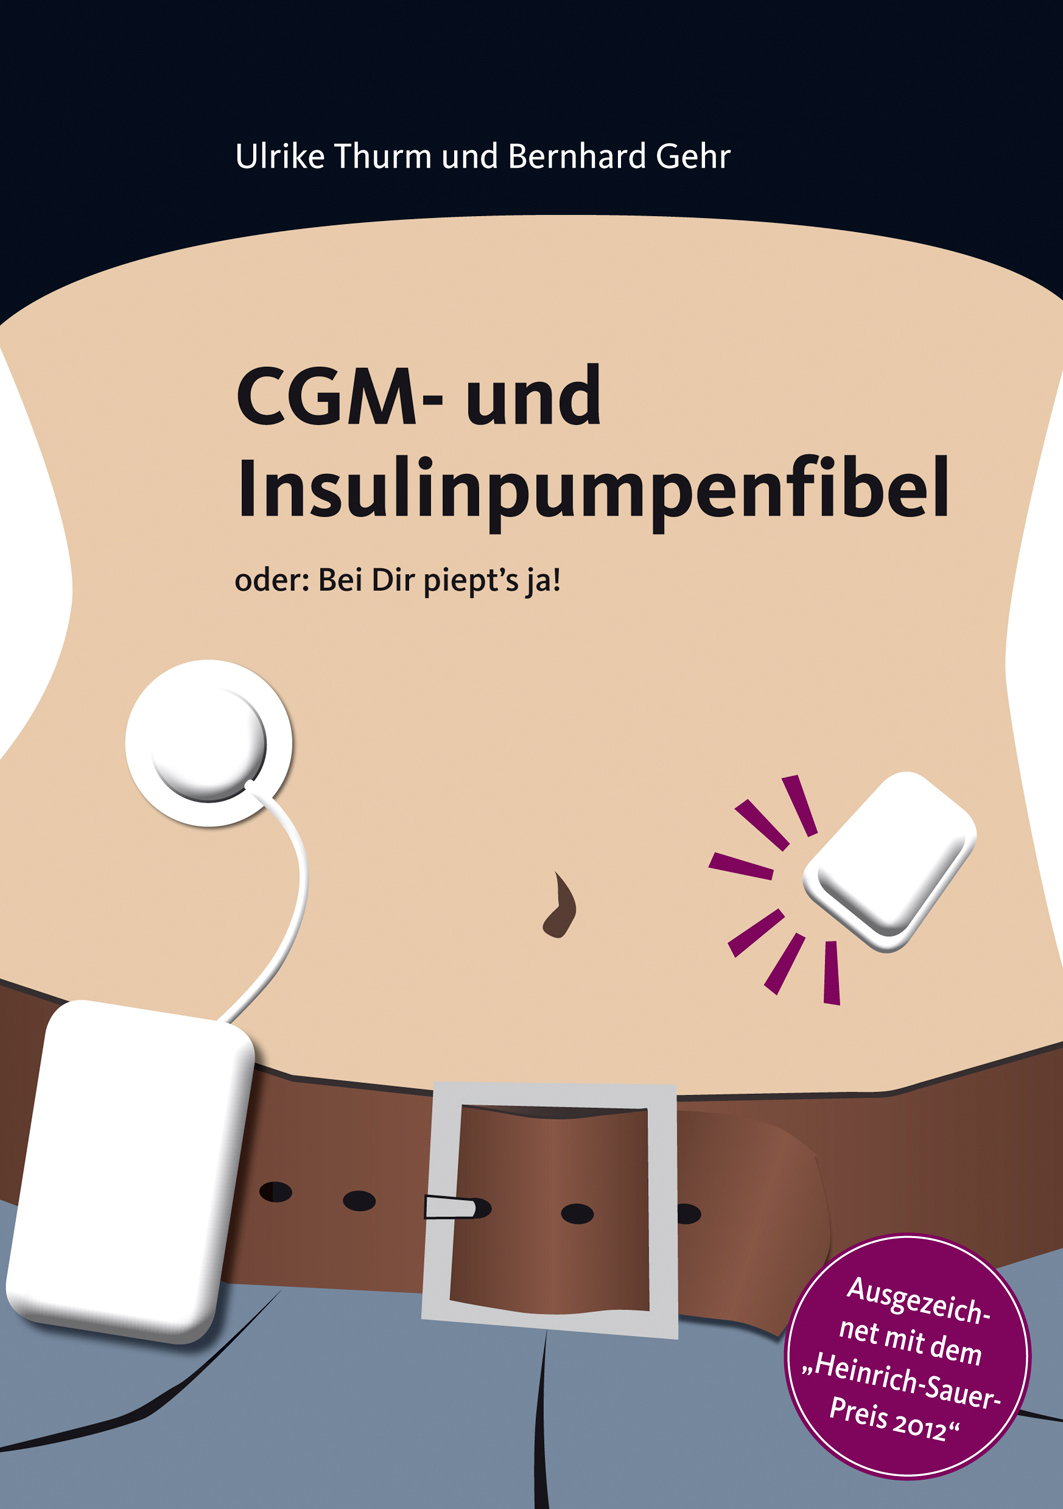 CGM- und Insulinpumpenfibel